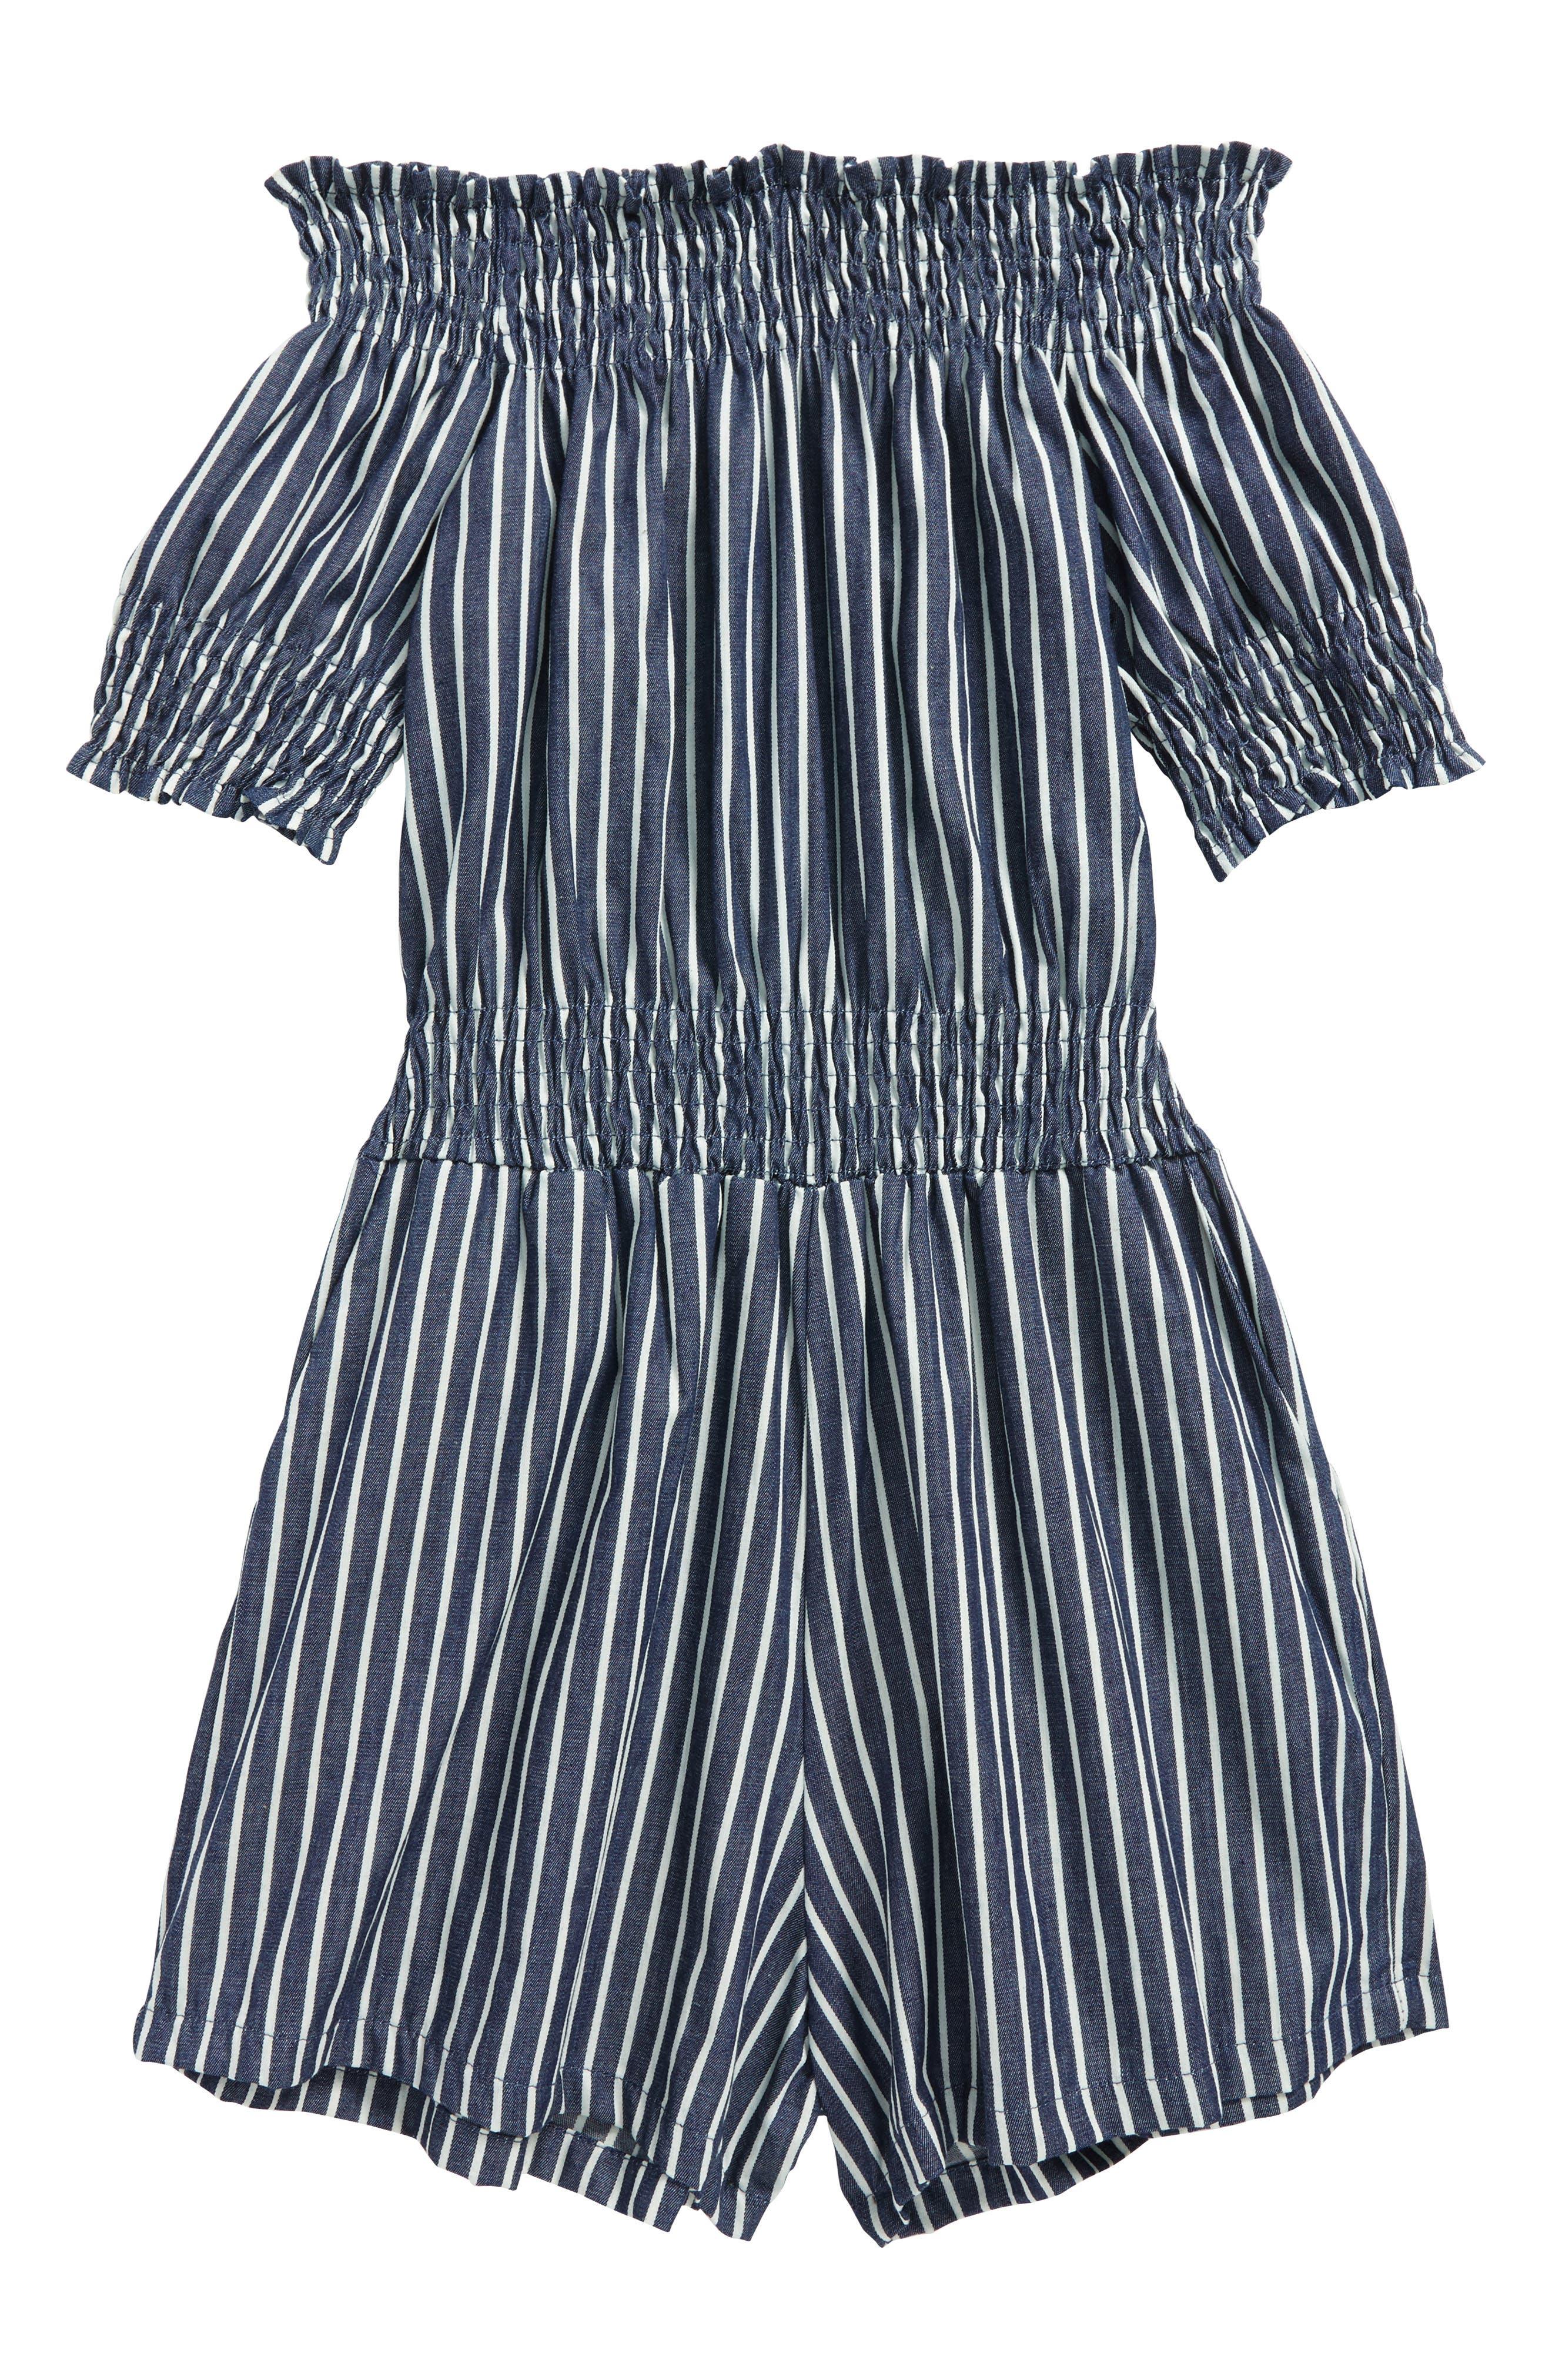 Main Image - Miss Behave Stripe Off the Shoulder Romper (Big Girls)